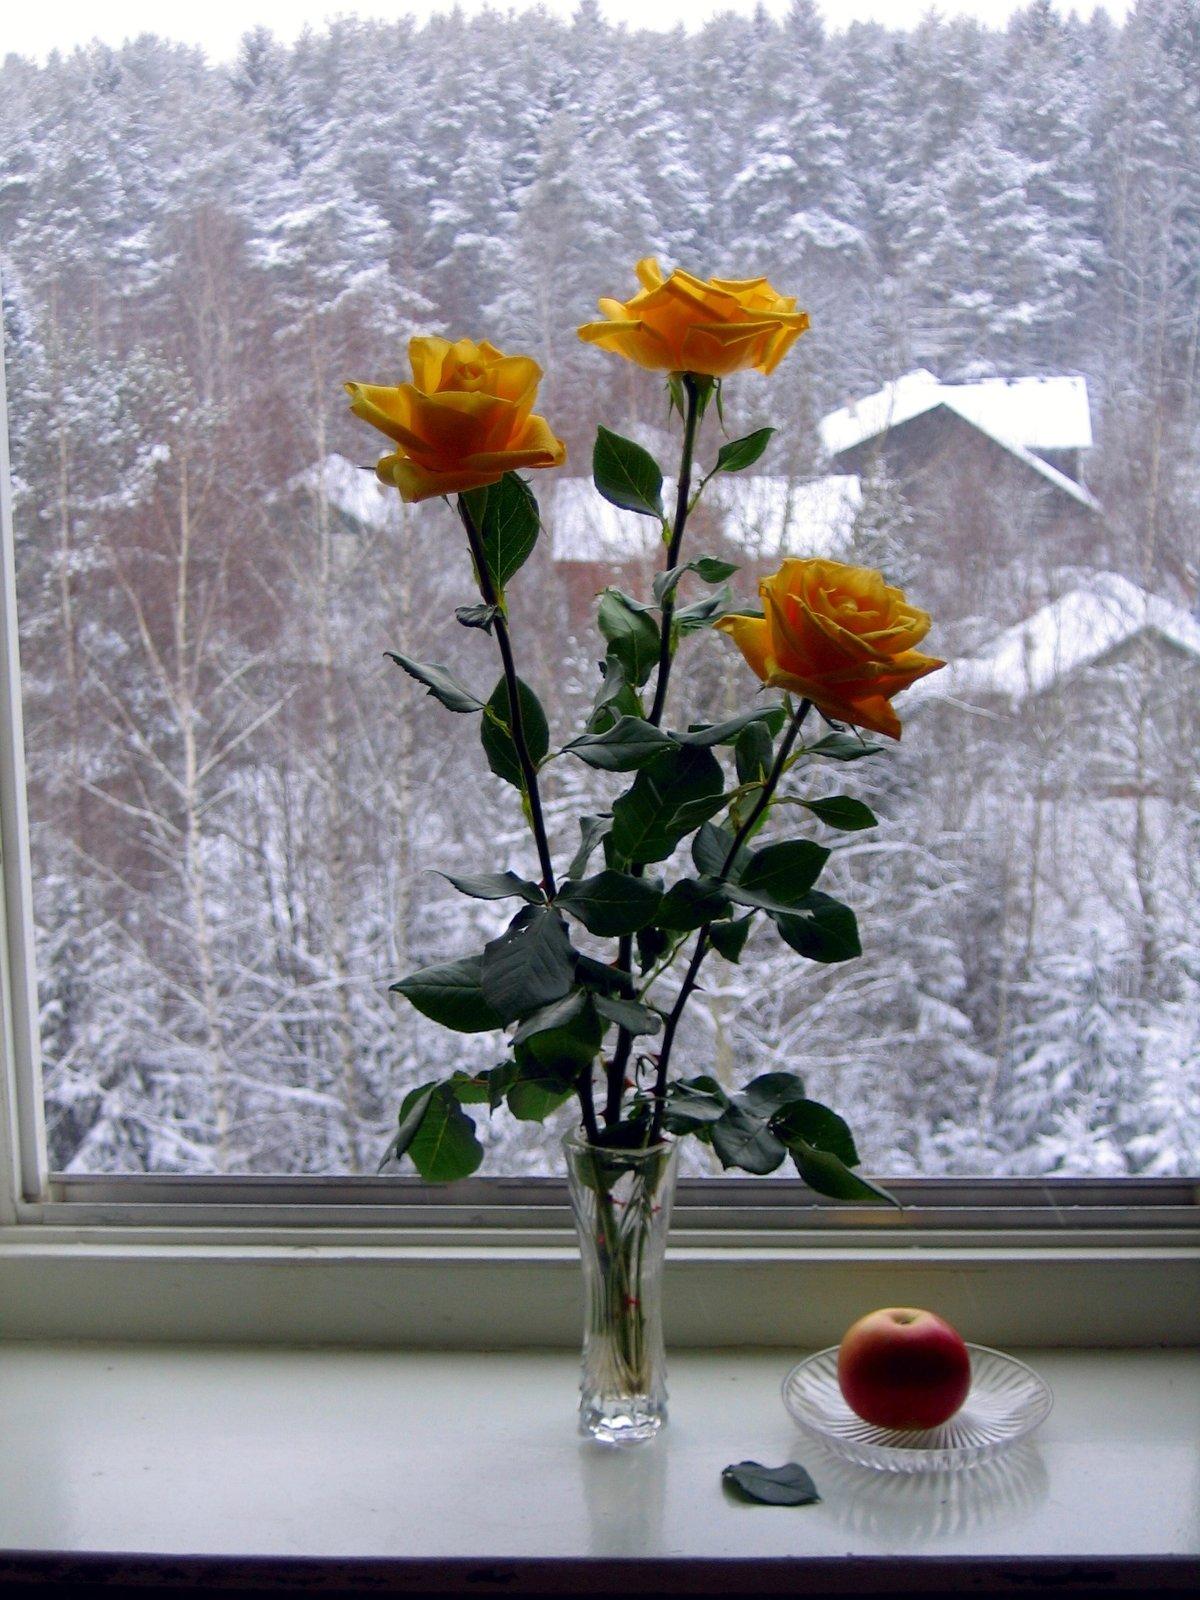 сегодняшний день картинка роза на подоконнике удобный календарь